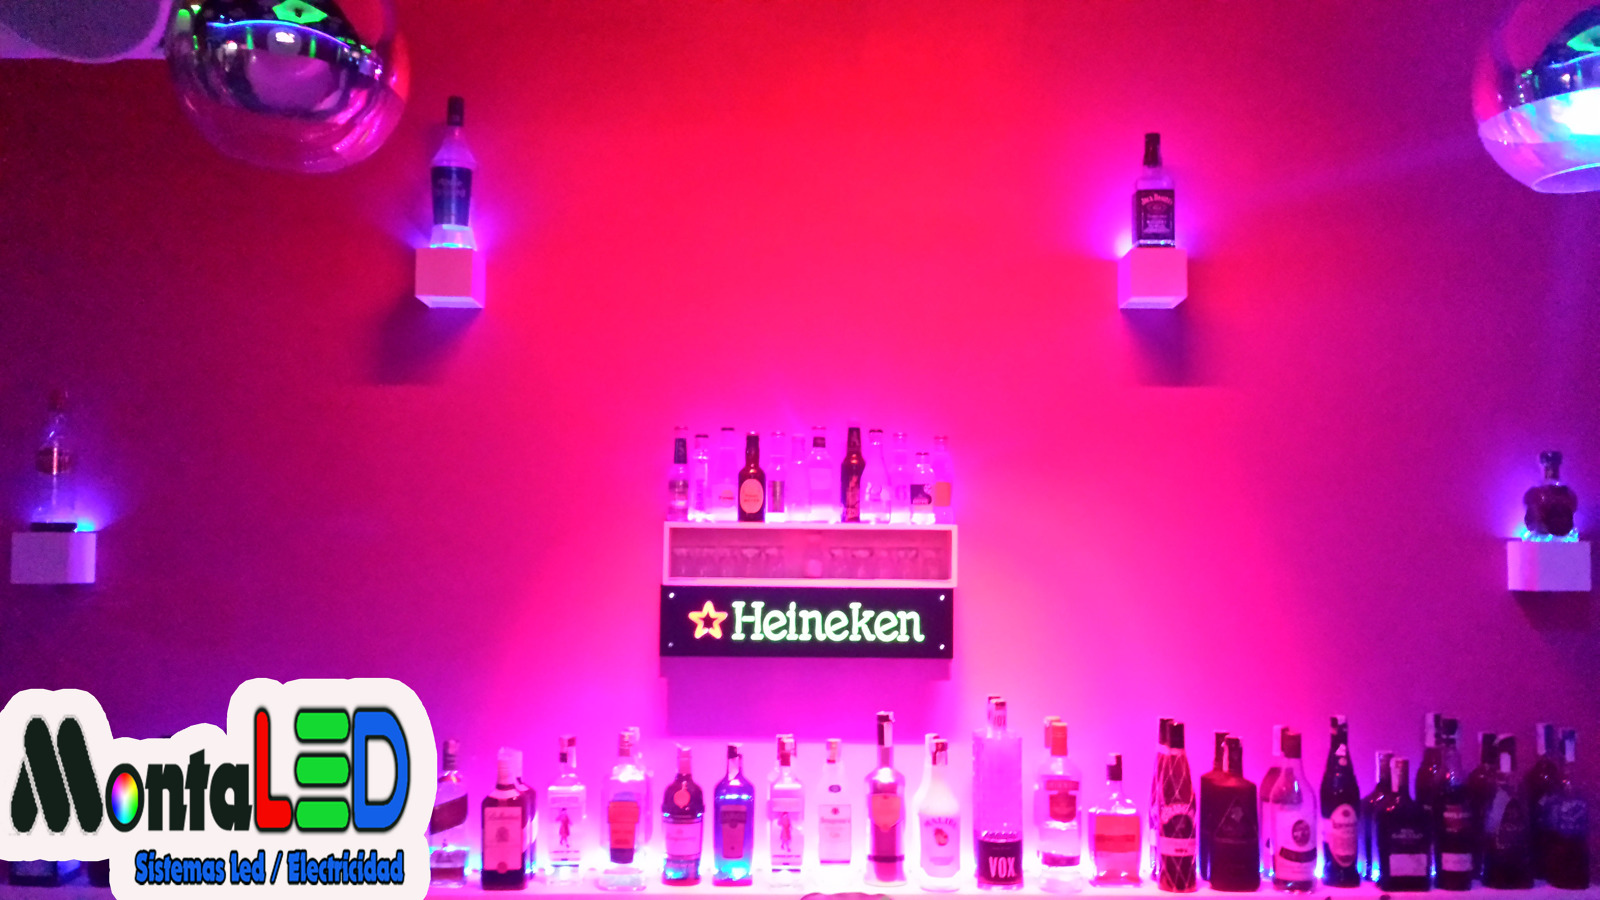 Foto instalaci n led estantes para botellas de montaled - Estanterias para botellas ...